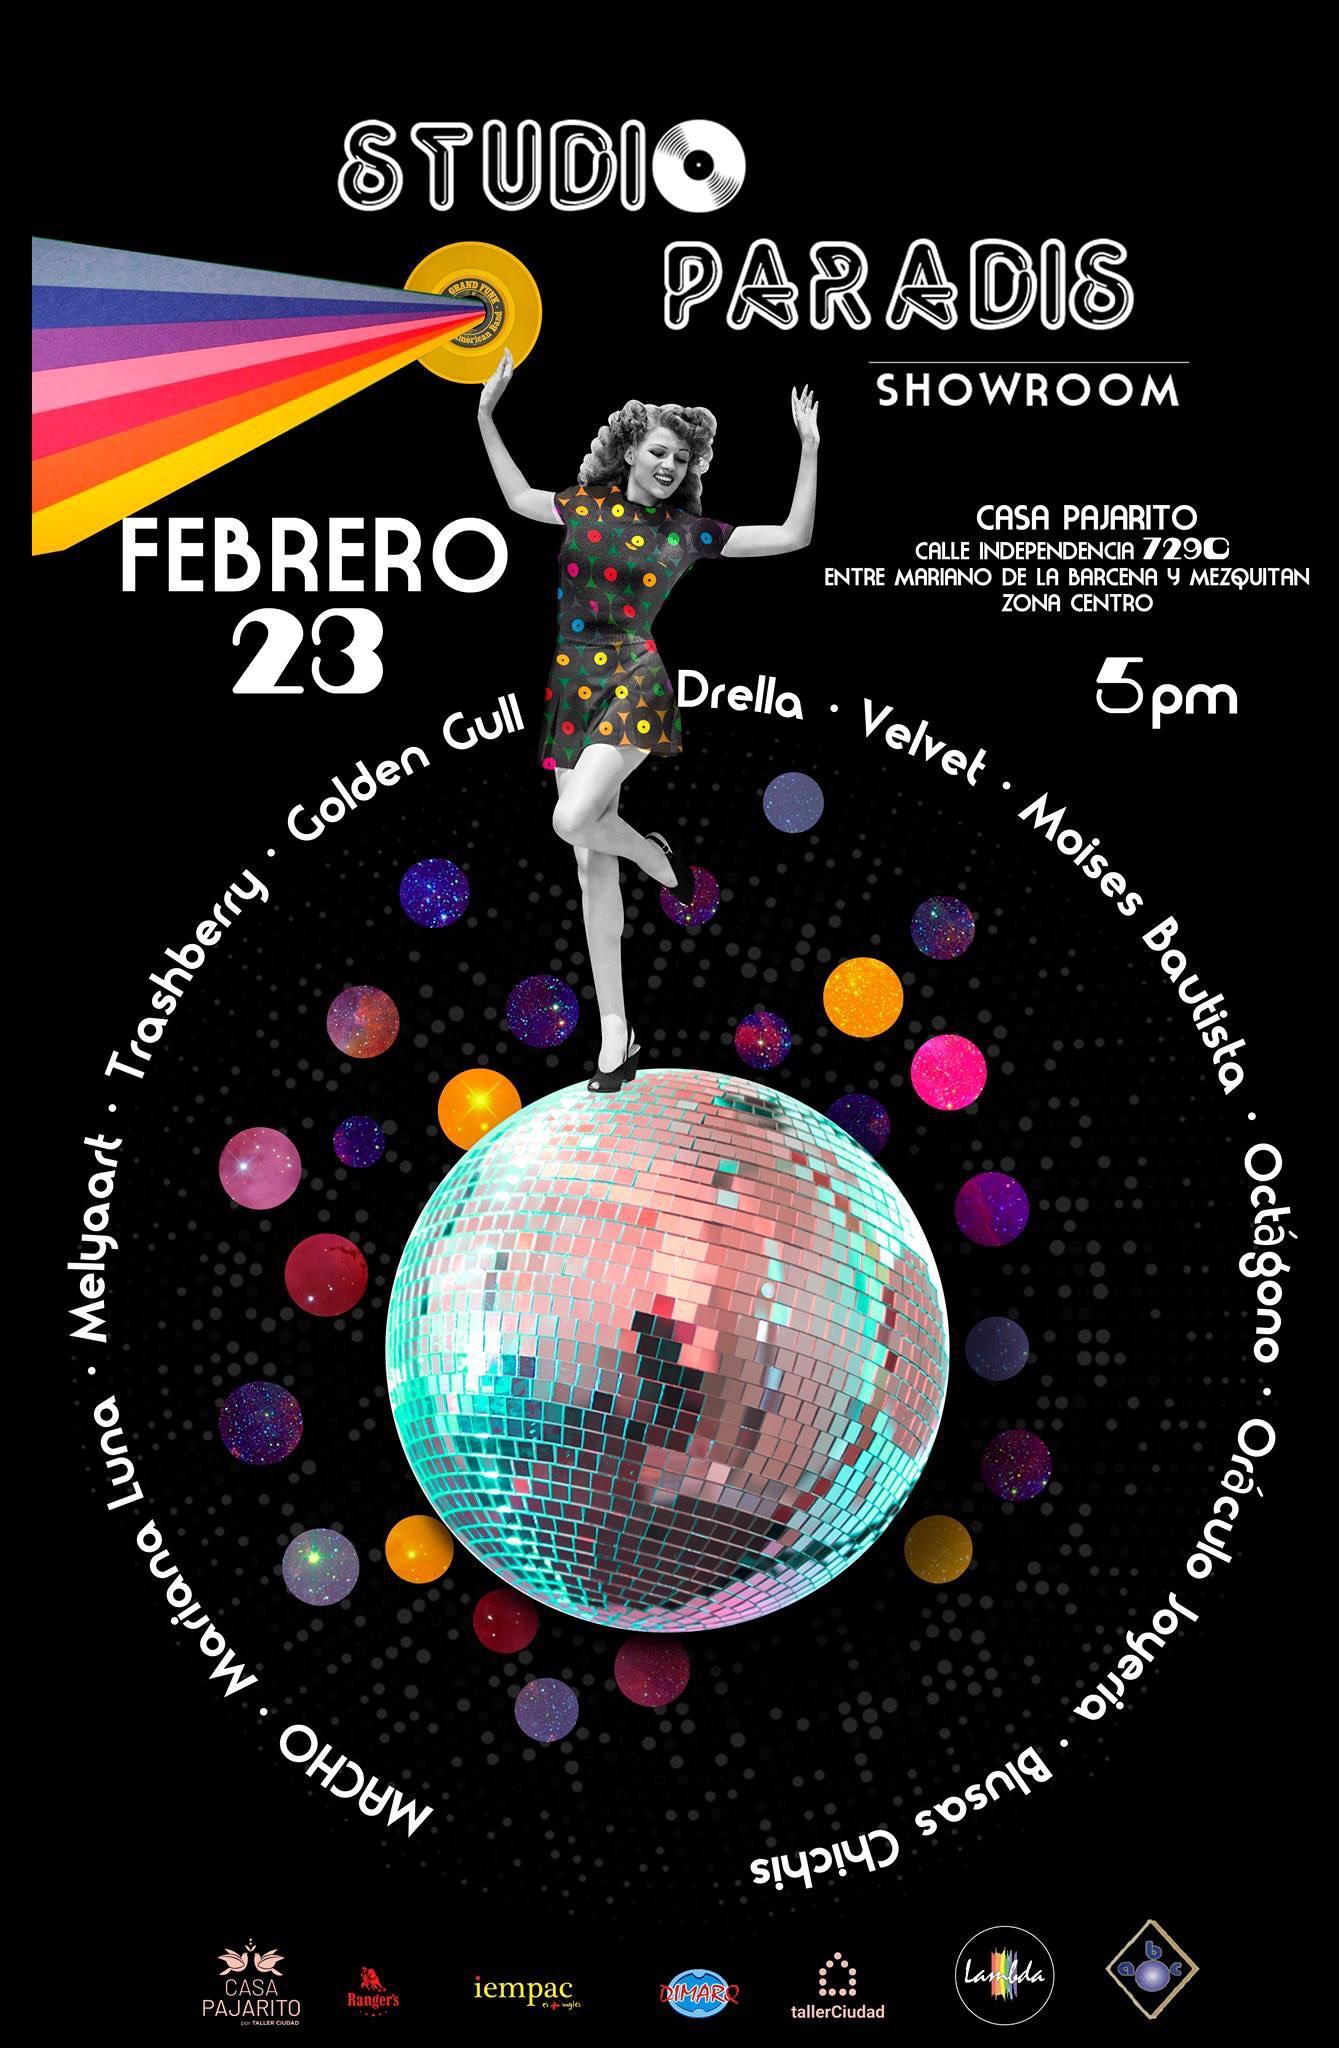 """Exhibición """"Studio Paradis"""", 23 de Febrero en Casa Pajarito"""